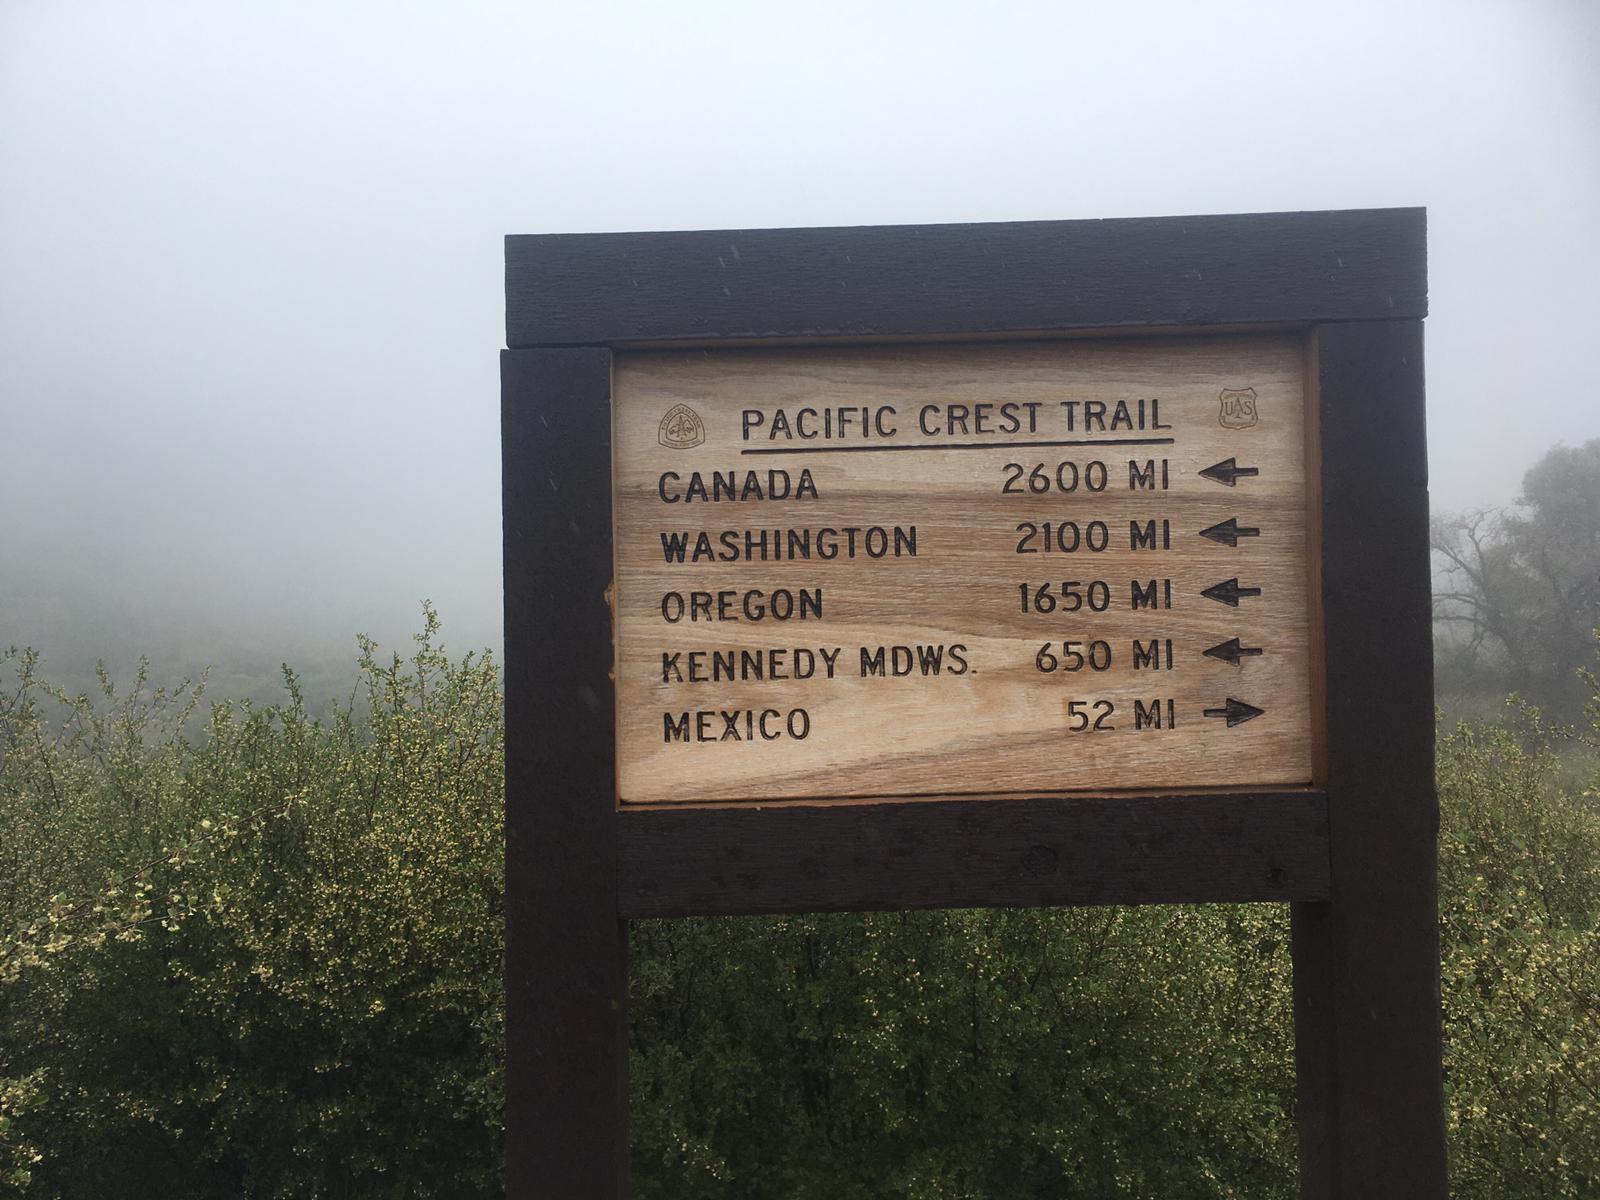 Wegweiser mit den Meilenangaben nach Kanada, Washington, Oregon, Kennedy Meadows und zu guter letzt nach Mexiko.